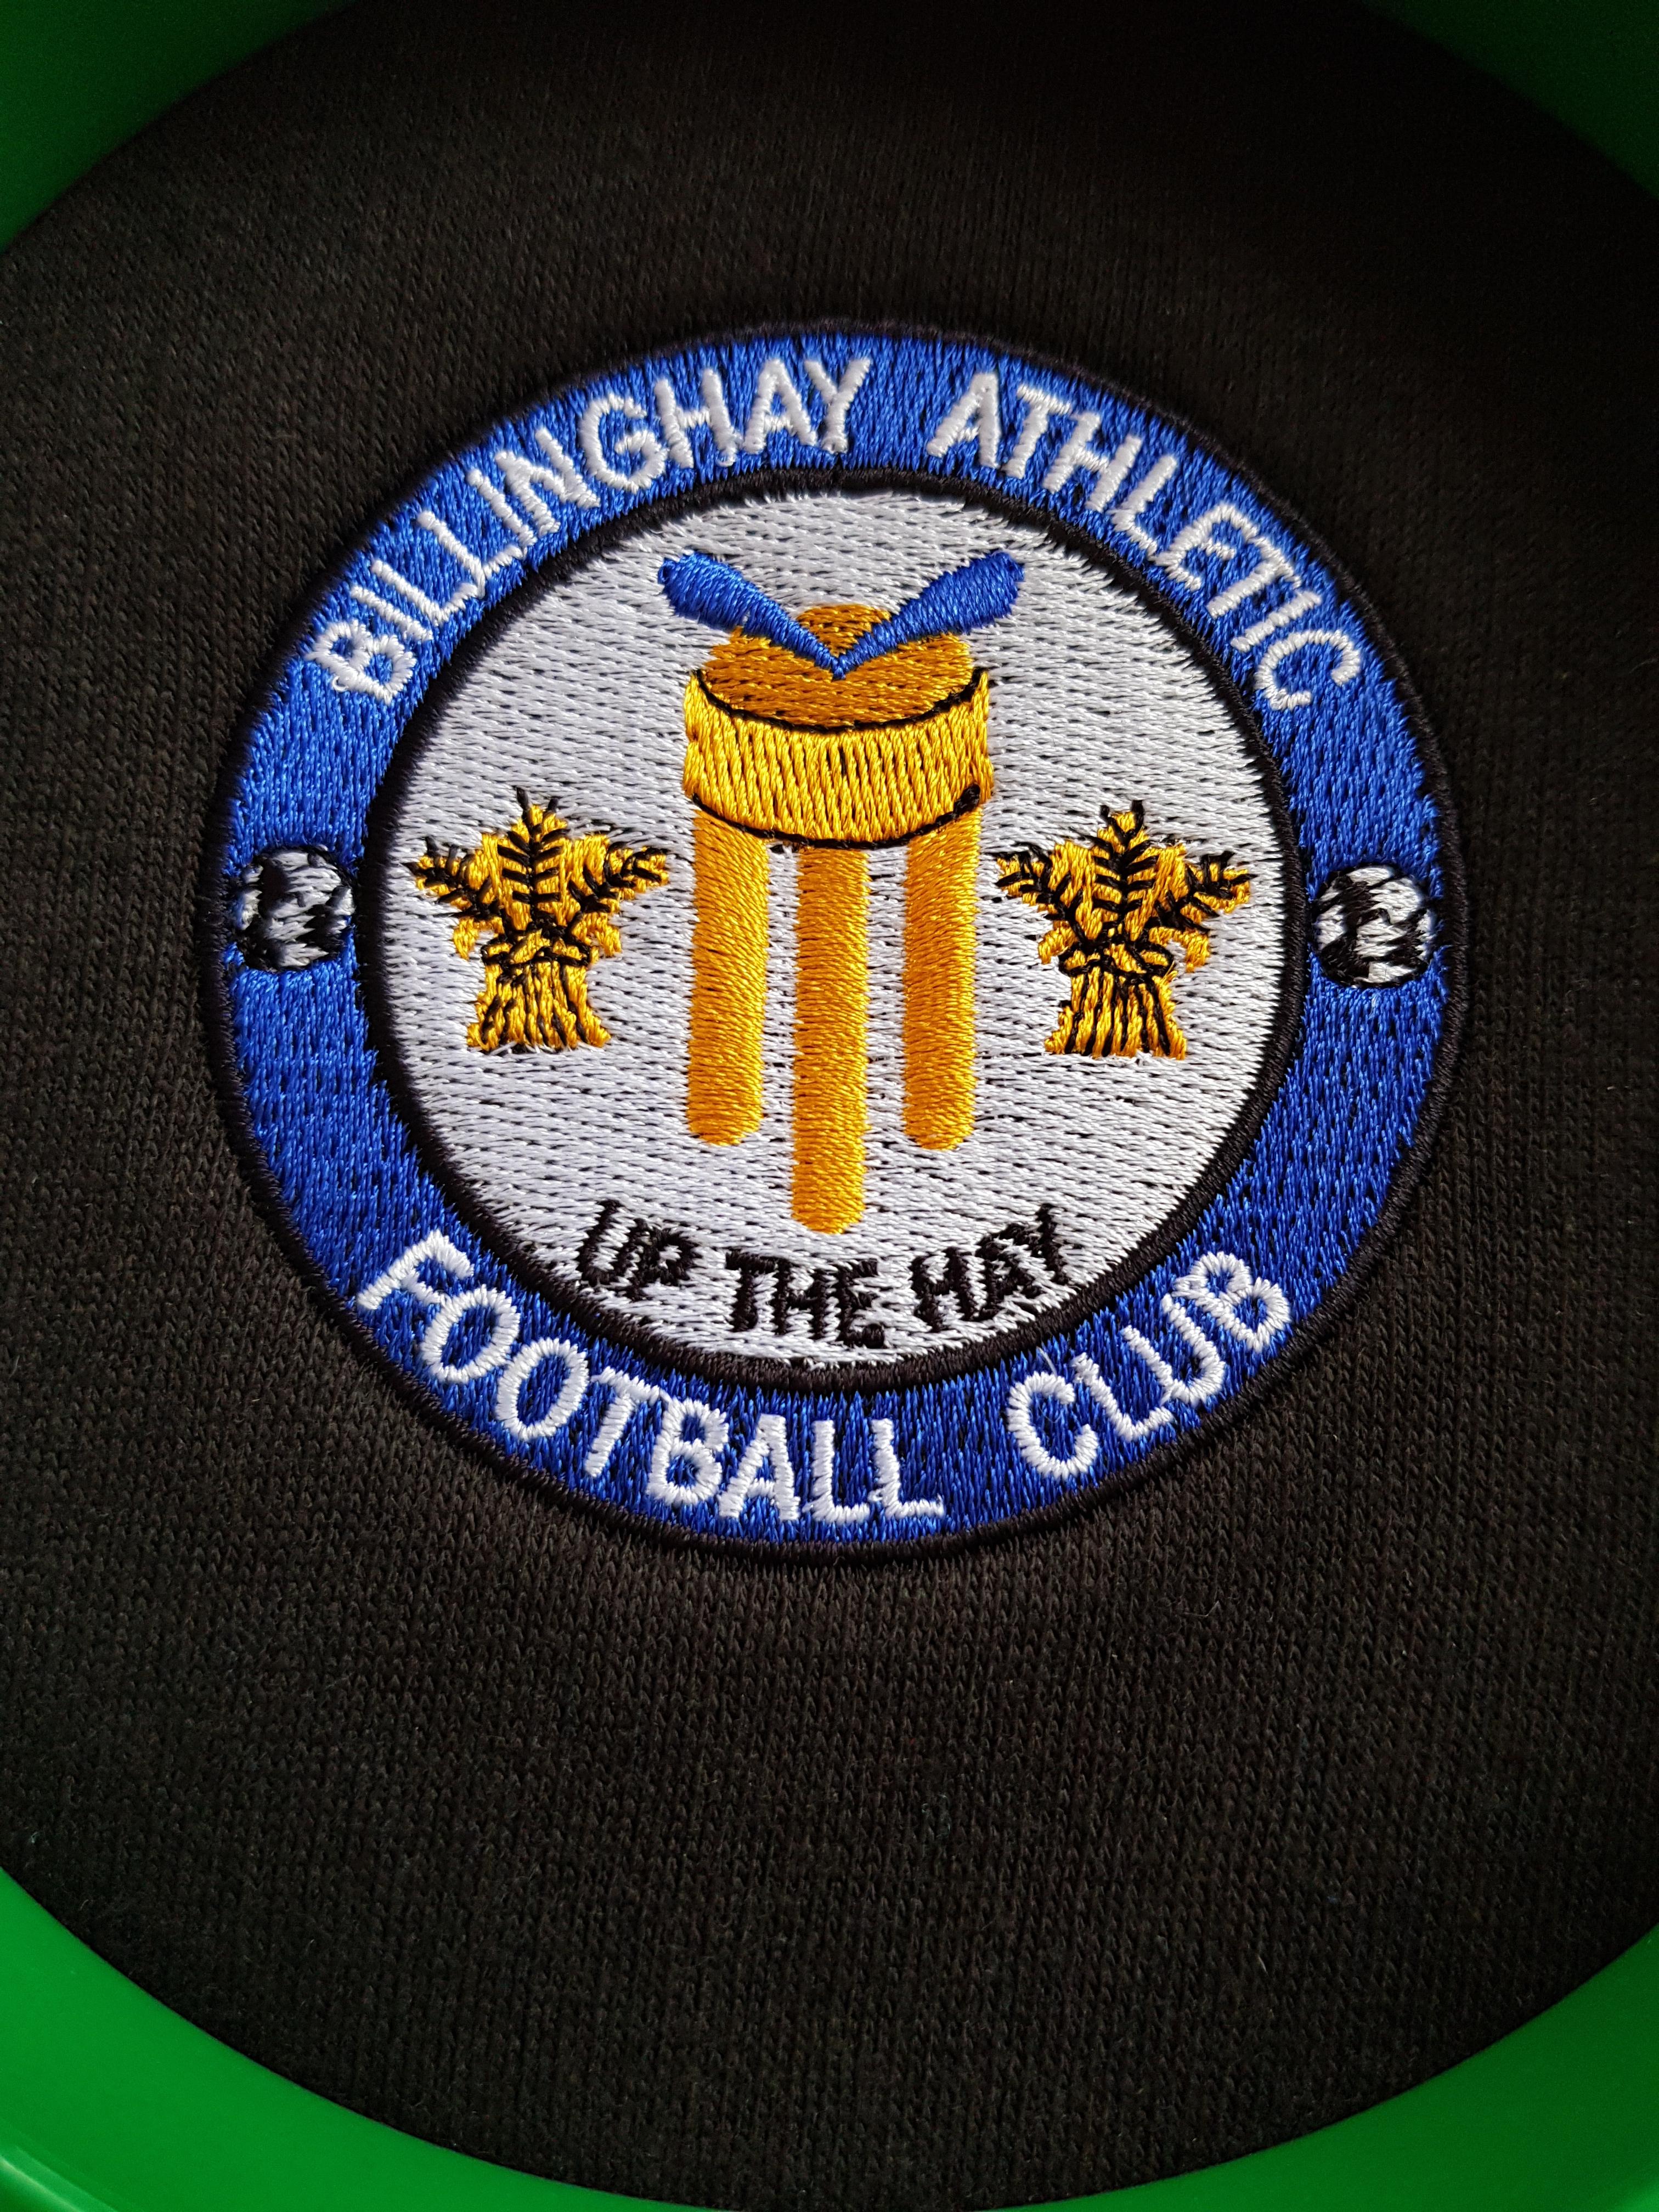 Billinghay Athletic Football Club